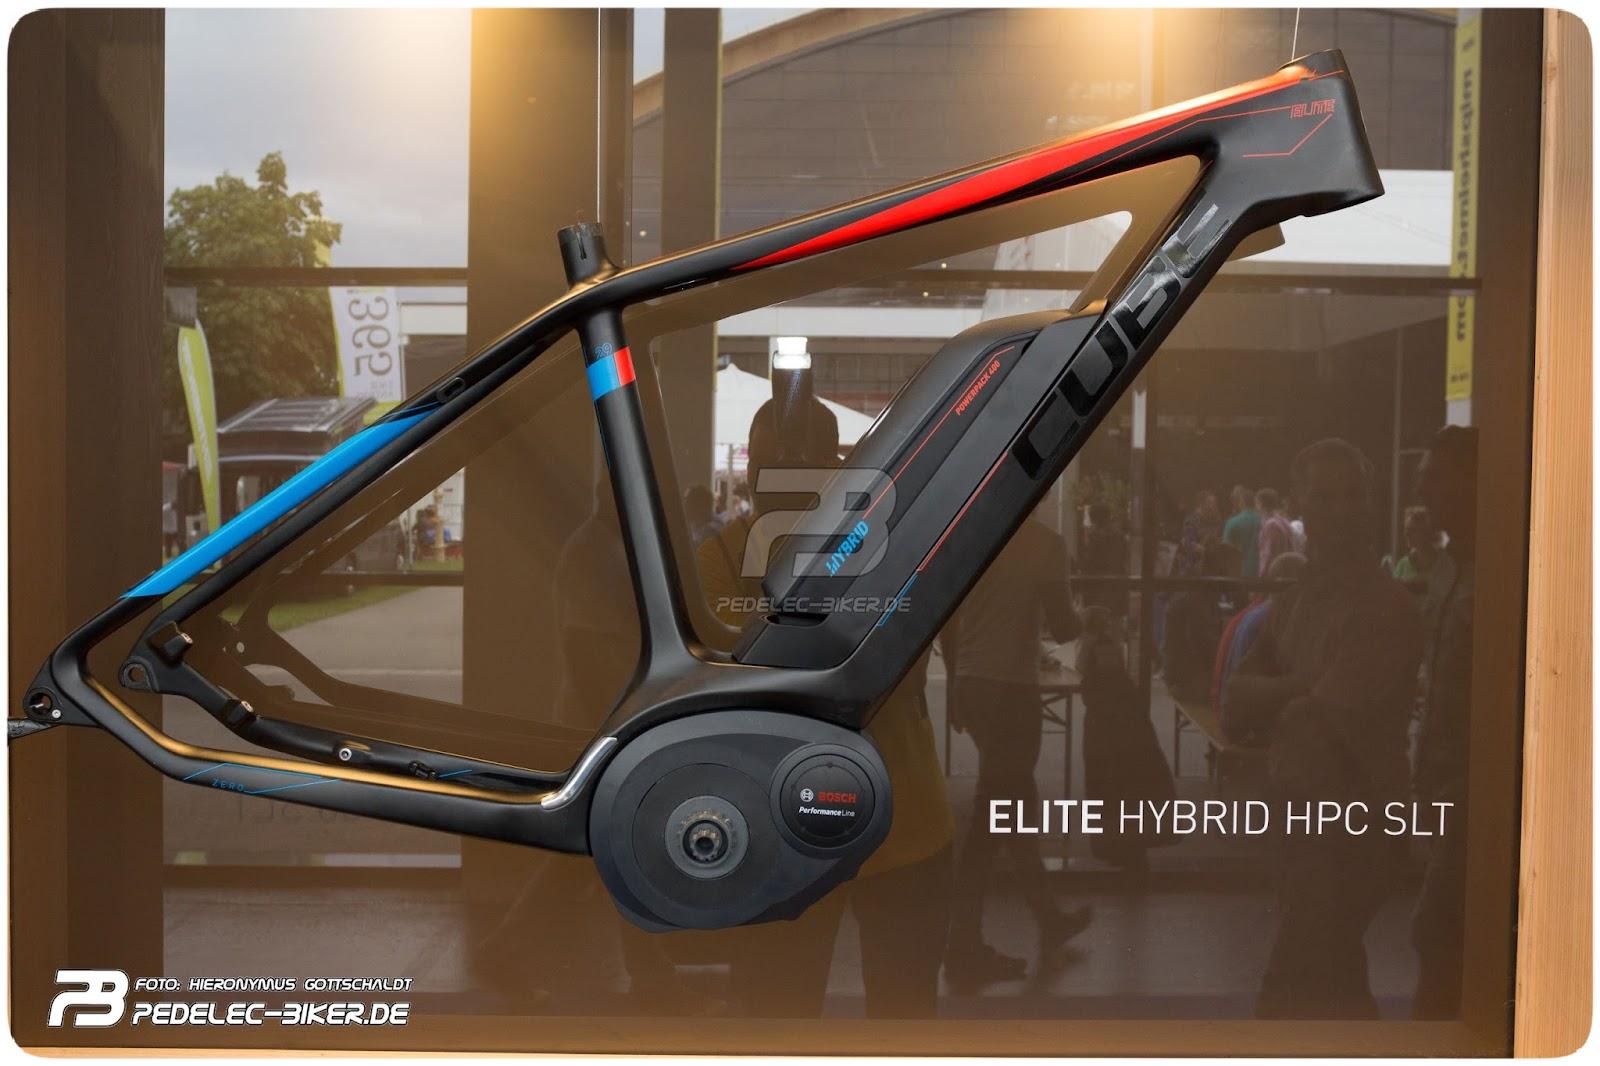 pedelec eurobike 2014 cube bikes 2015. Black Bedroom Furniture Sets. Home Design Ideas